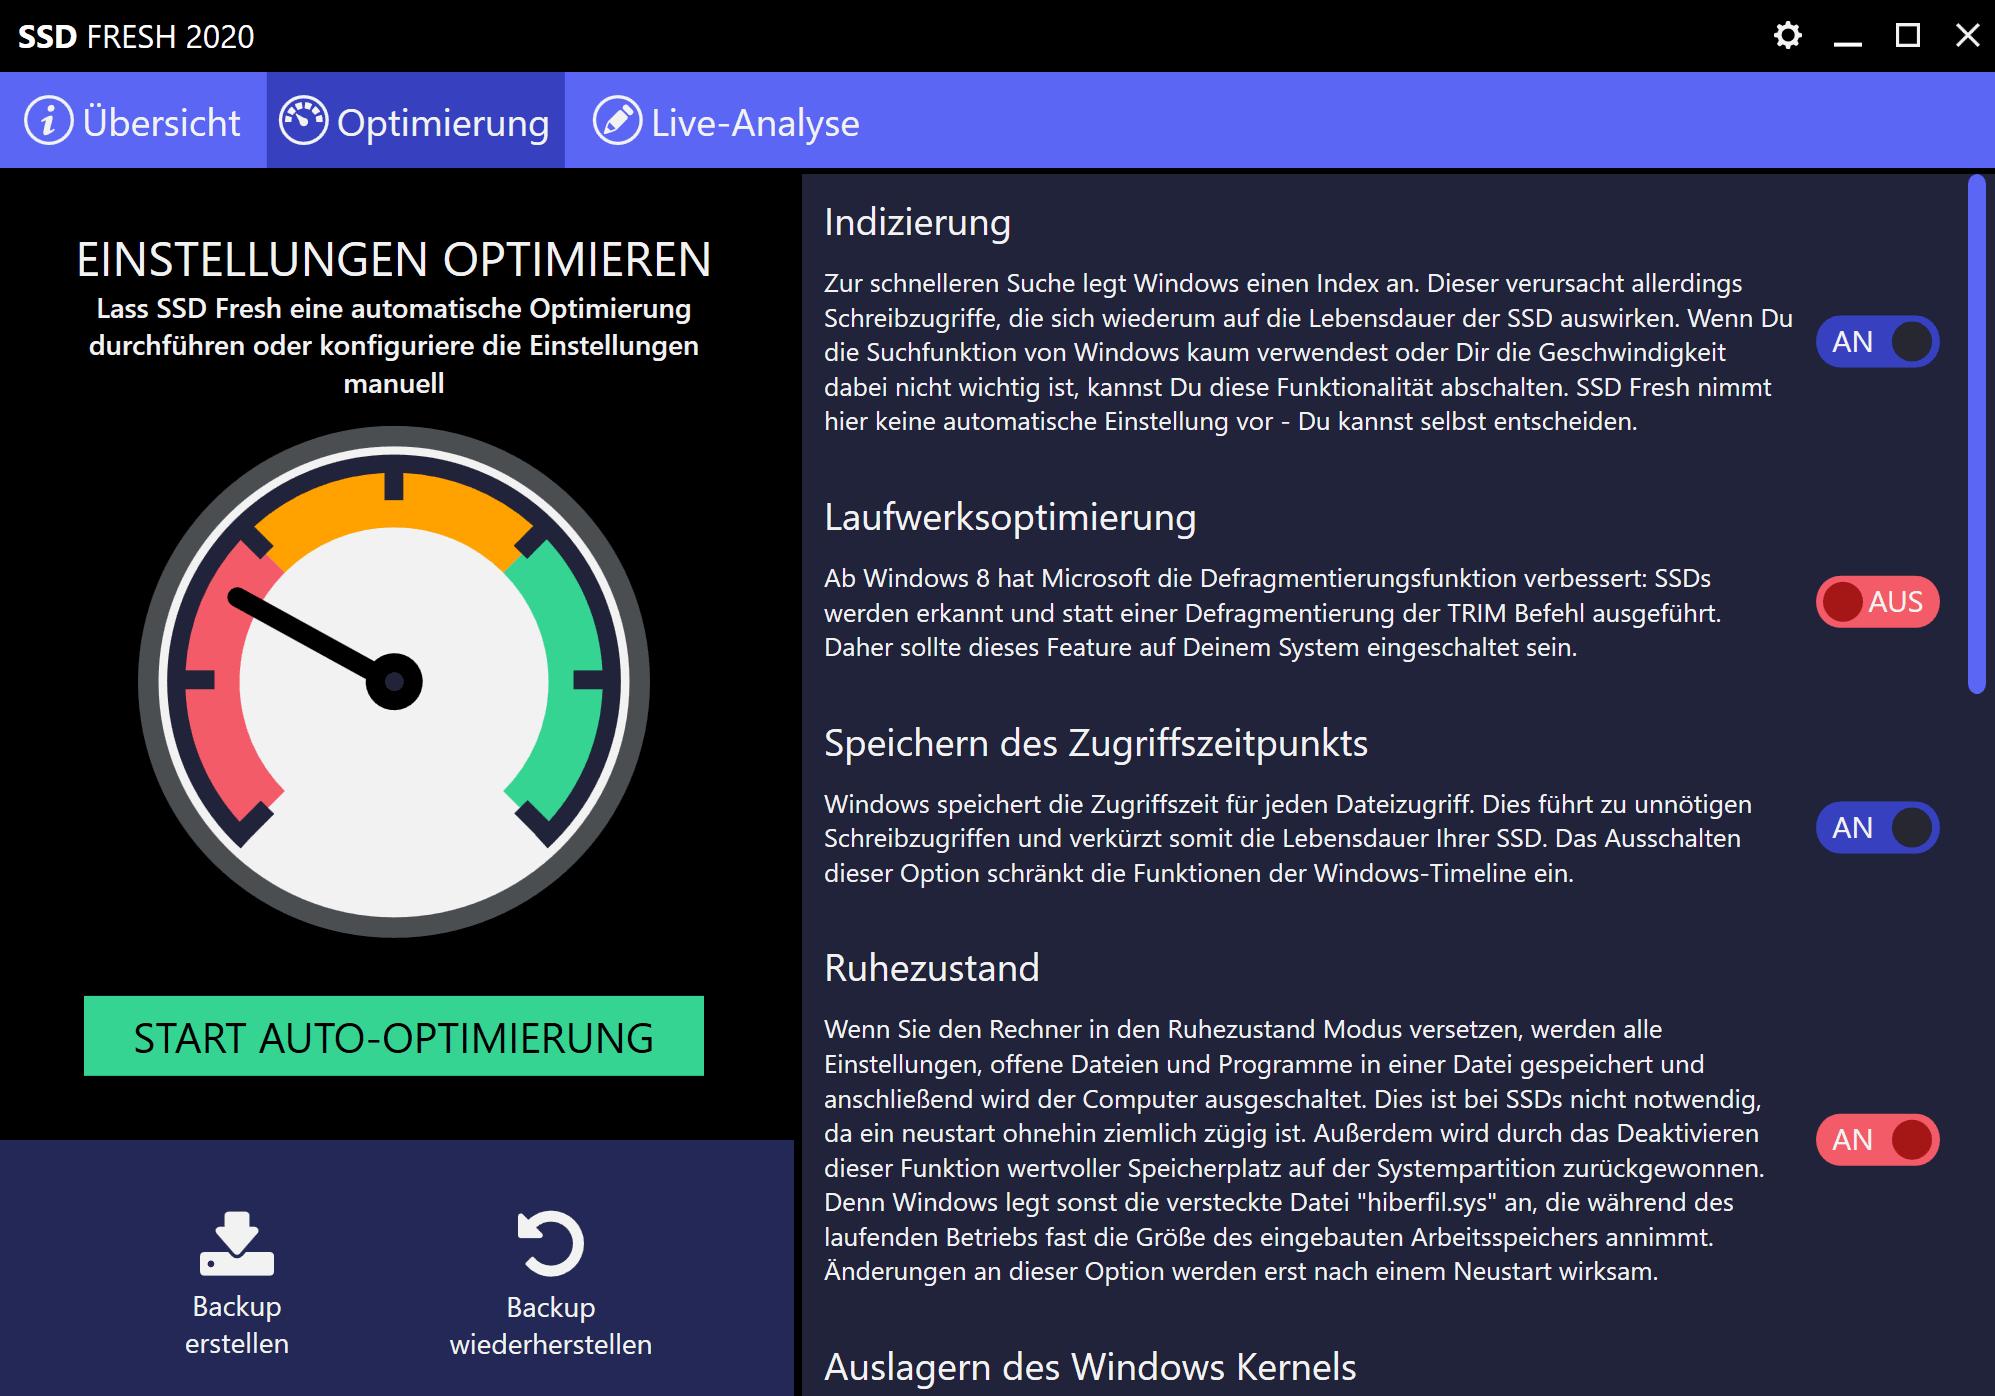 SSD Ruhezustand deaktivieren - Manuelle Optimierung